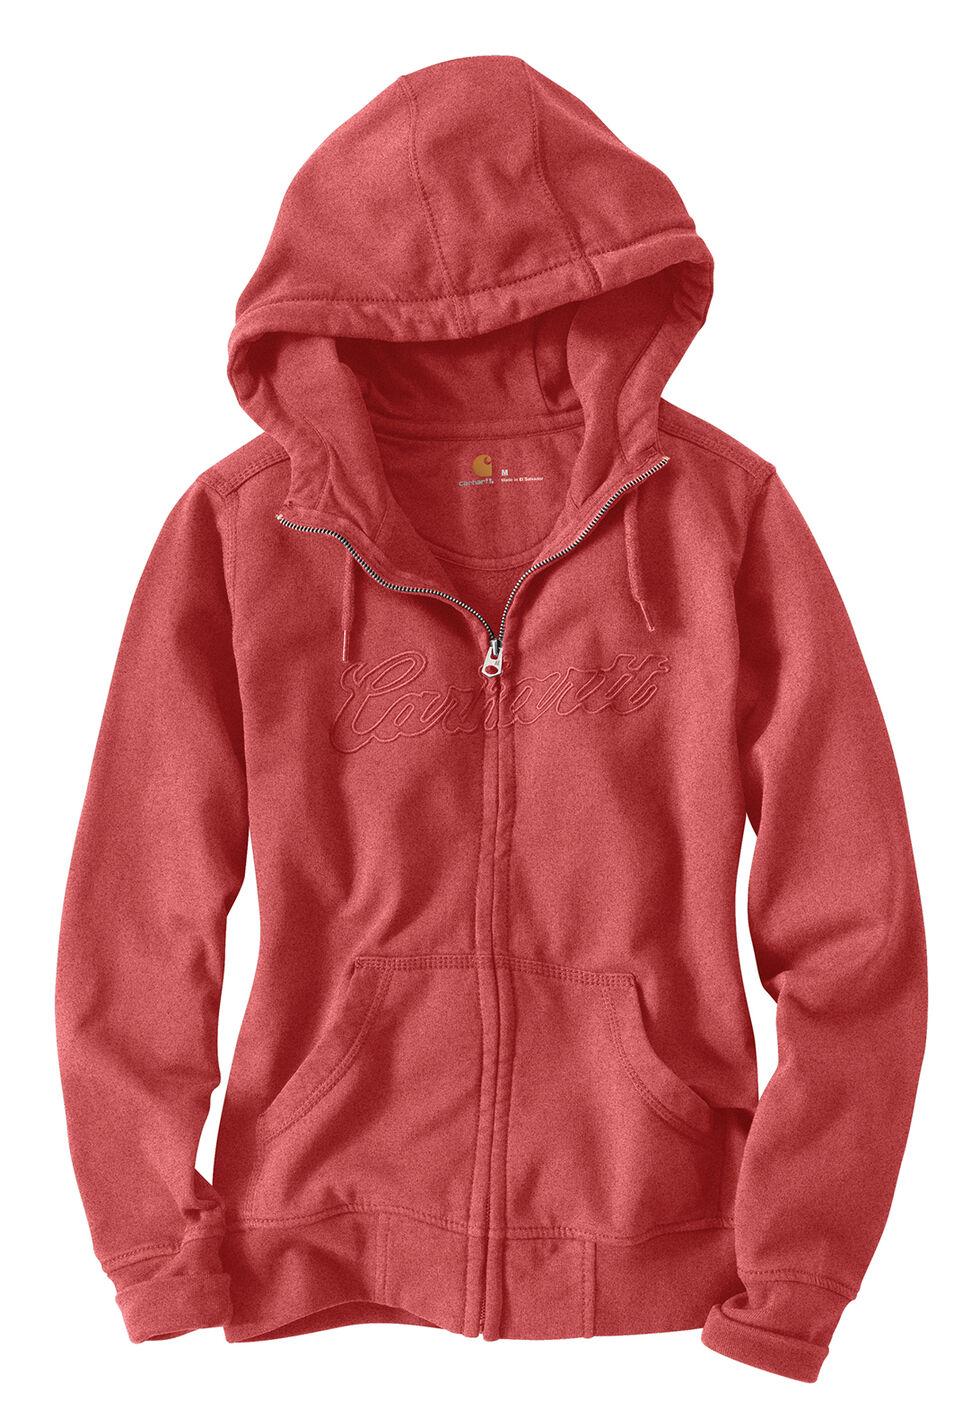 Carhartt Clarksburg Zip-Front Hooded Jacket, Rose, hi-res